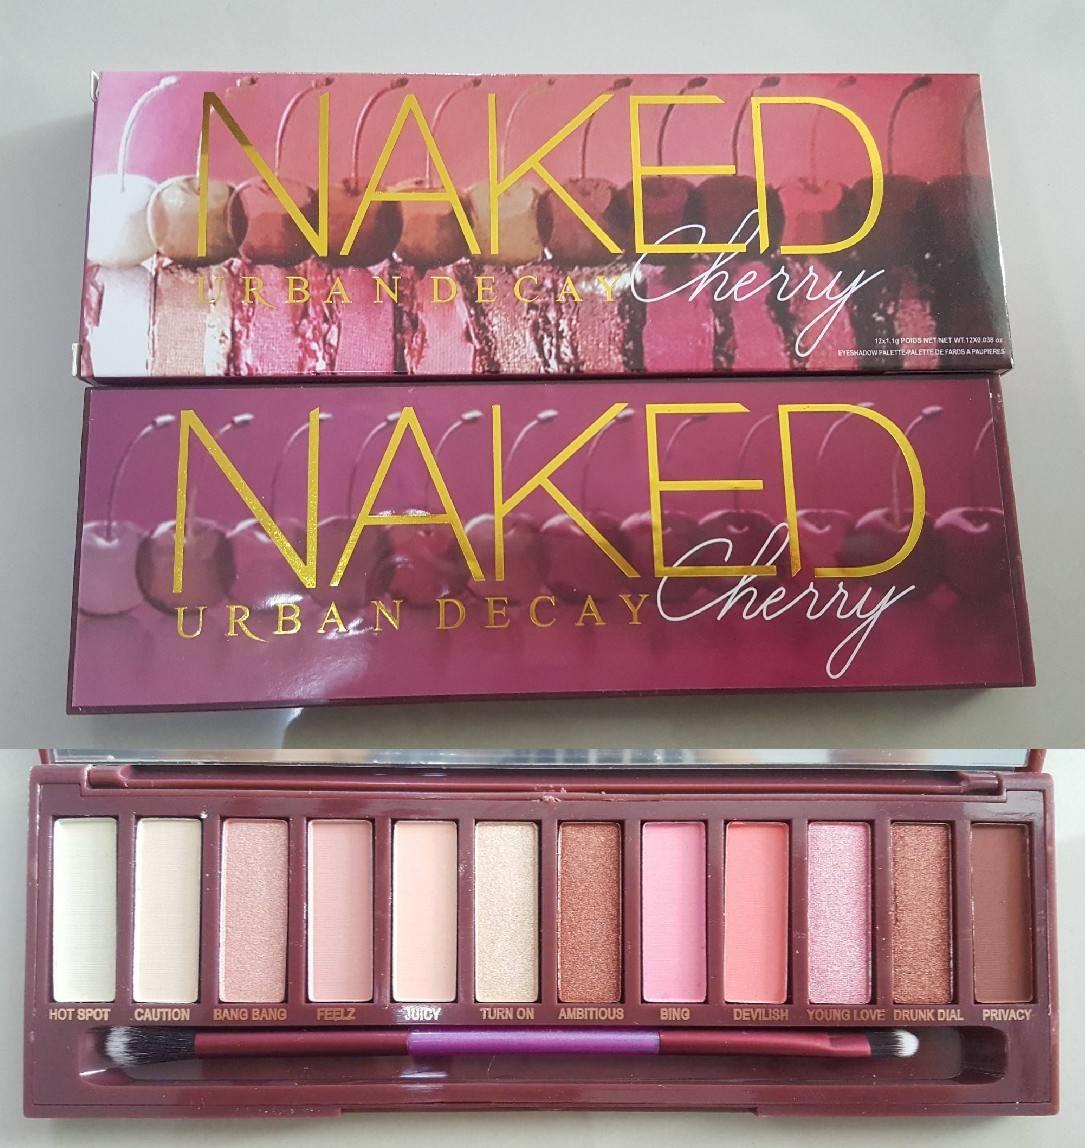 URBAN DECAY พาเลตต์อายแชโดว์เชอร์รี่ Naked Cherry Palette งานมิลเลอร์ถ่ายจากสินค้าจริงค่ะ